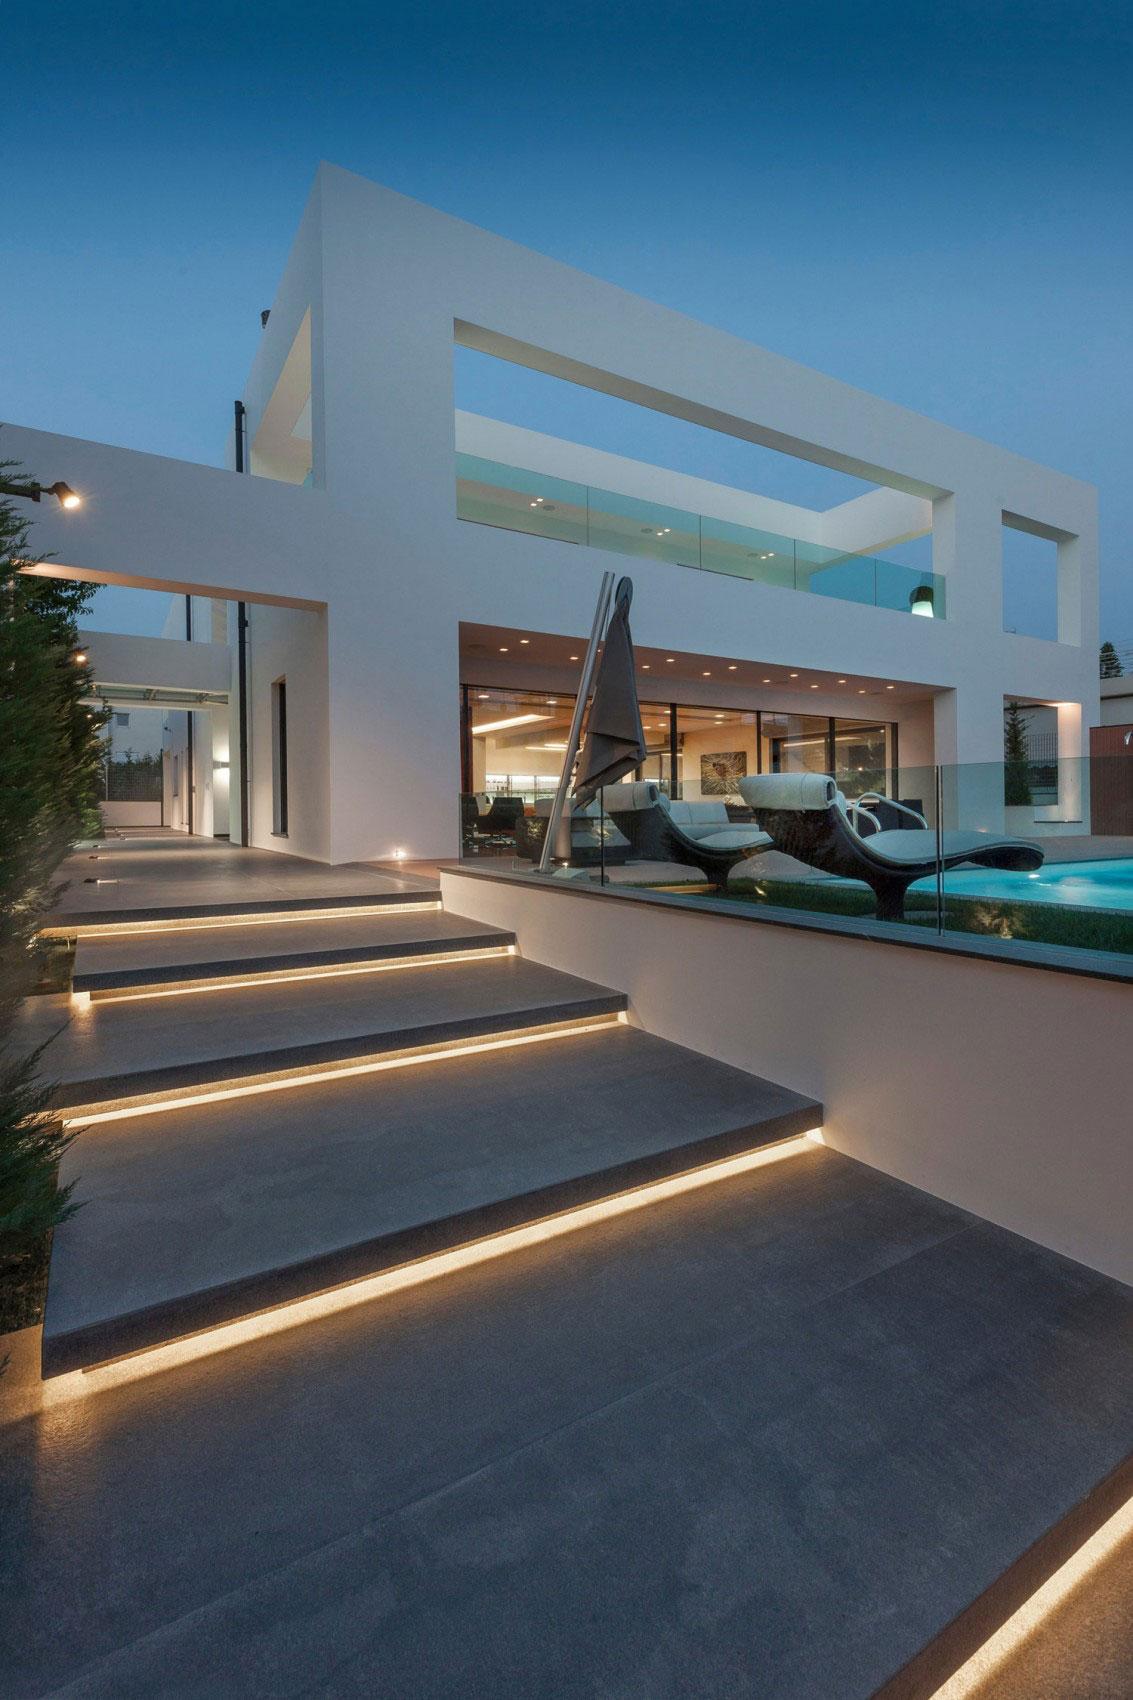 Modernt familjehus av Dolihos Architects-15 Modernt familjehus av Dolihos Architects